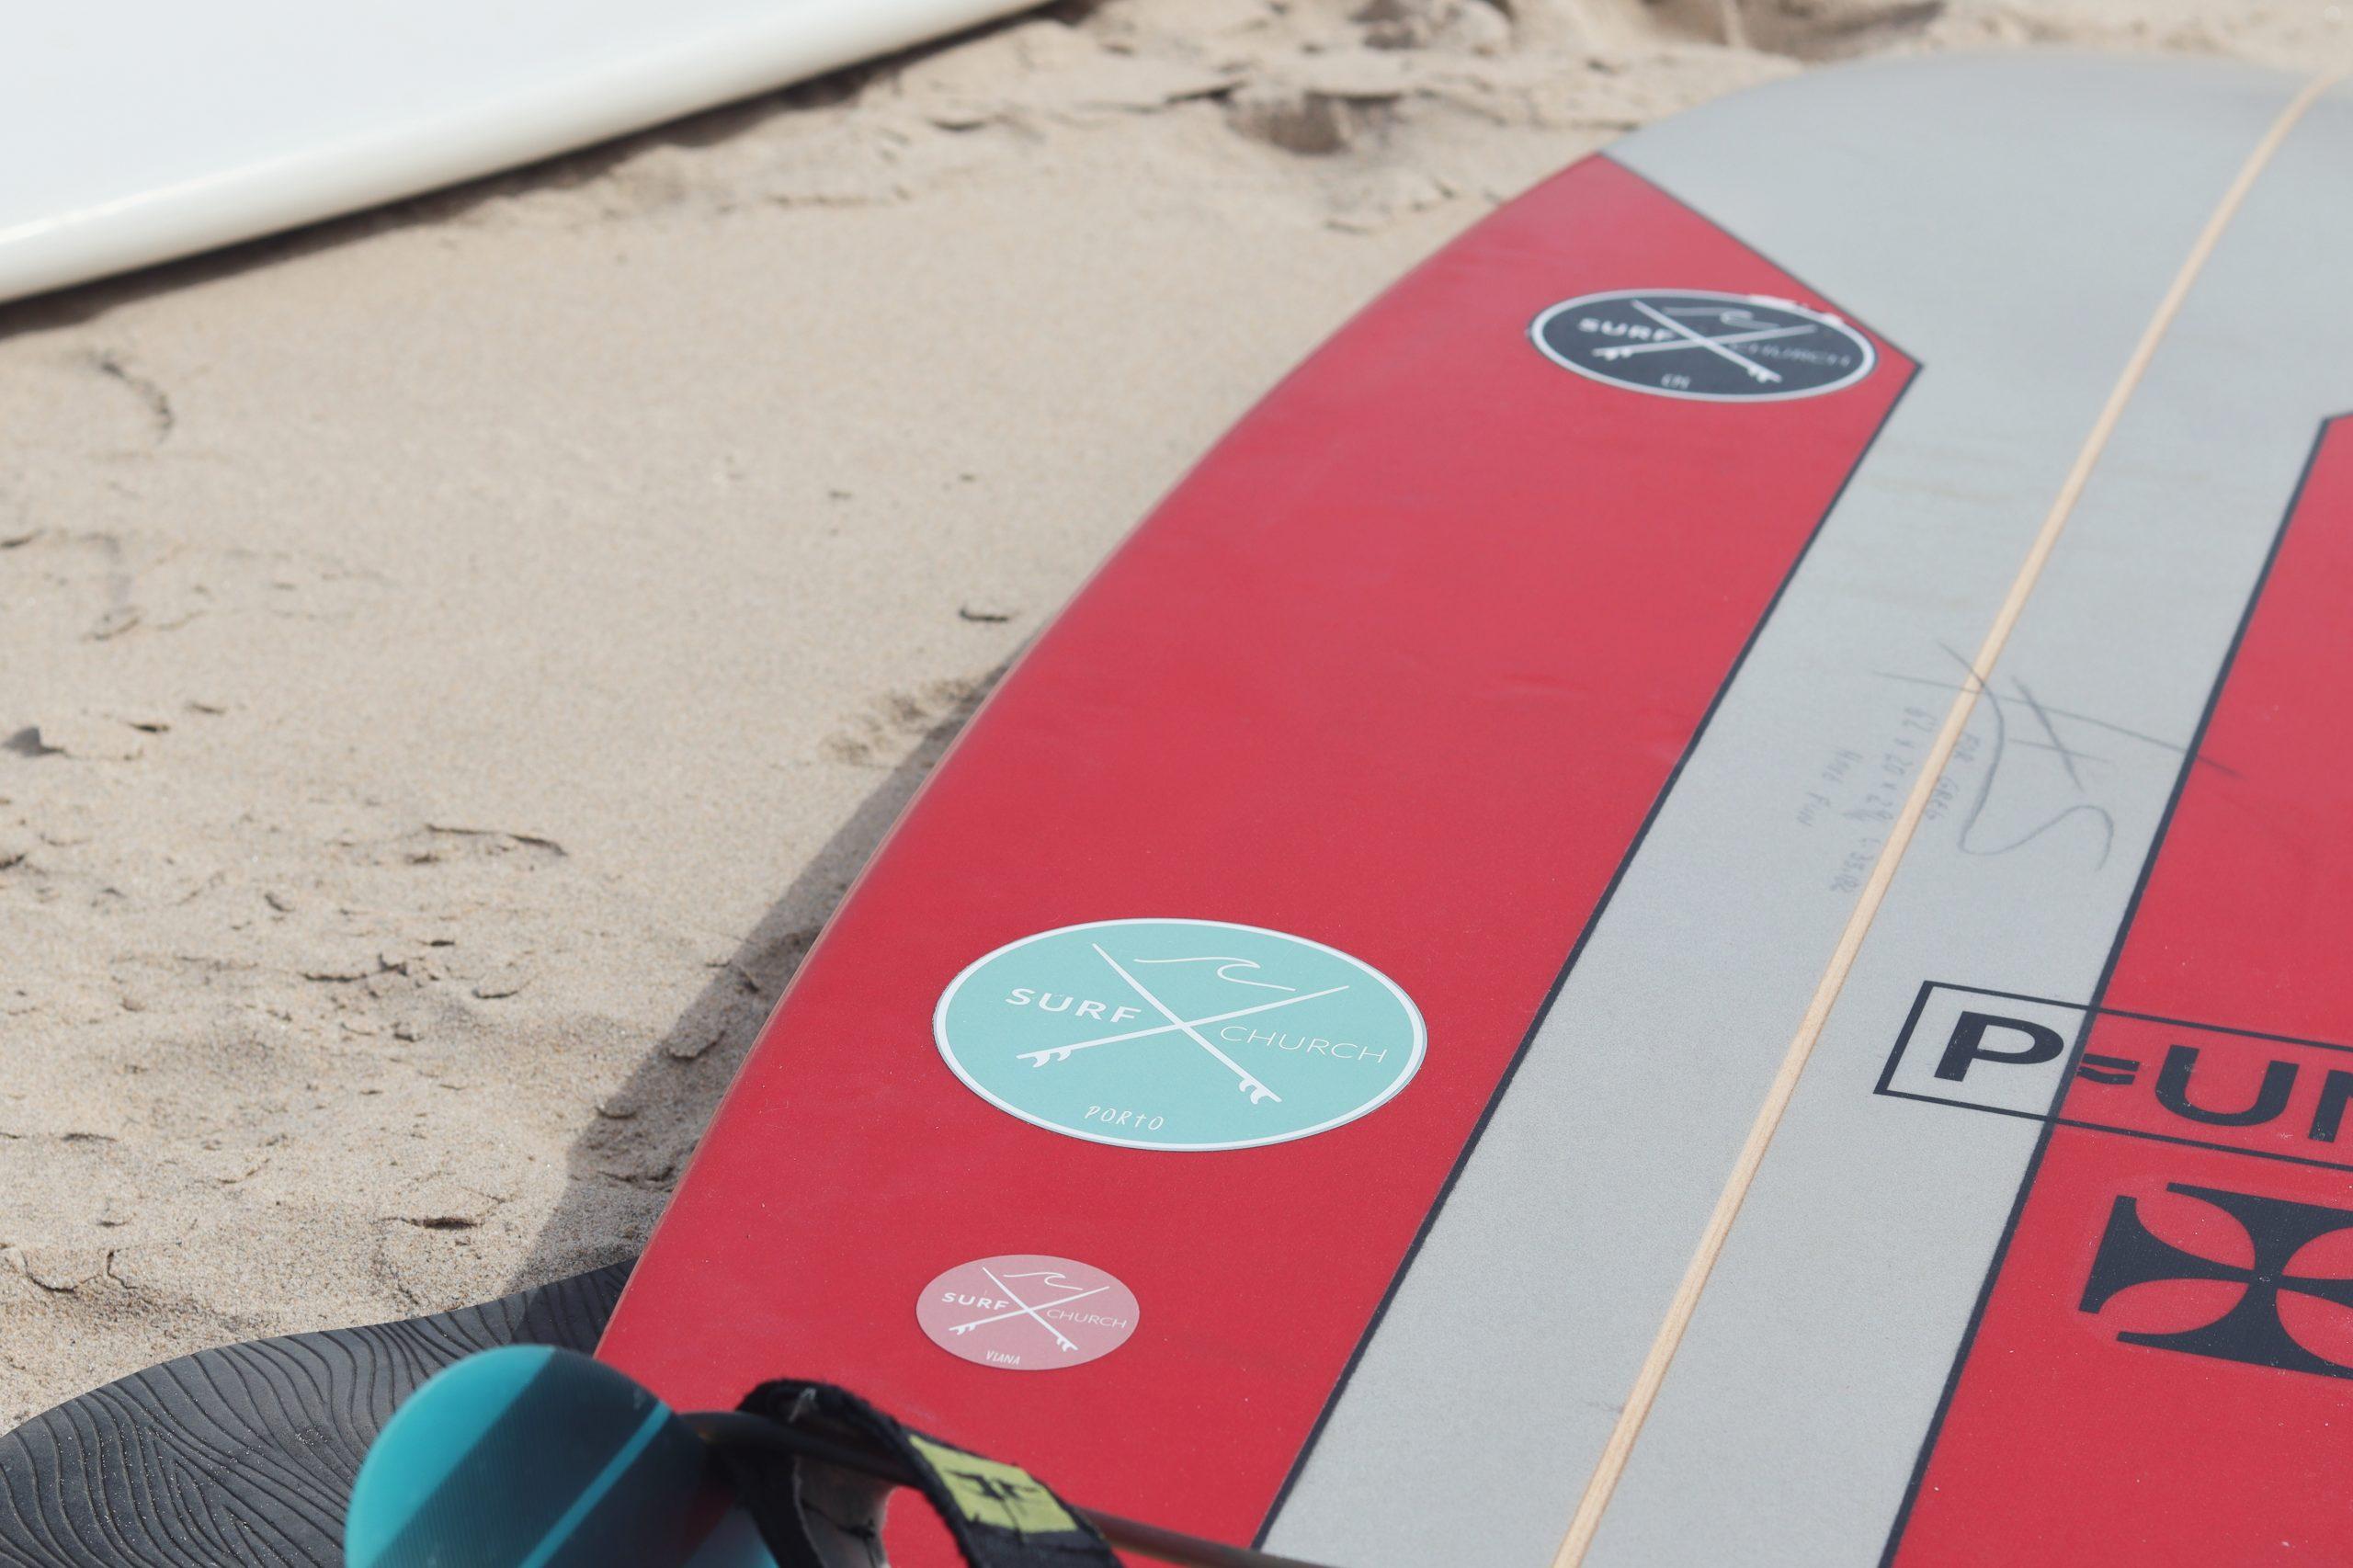 A comunidade dedica-se ao surf nos tempos livres